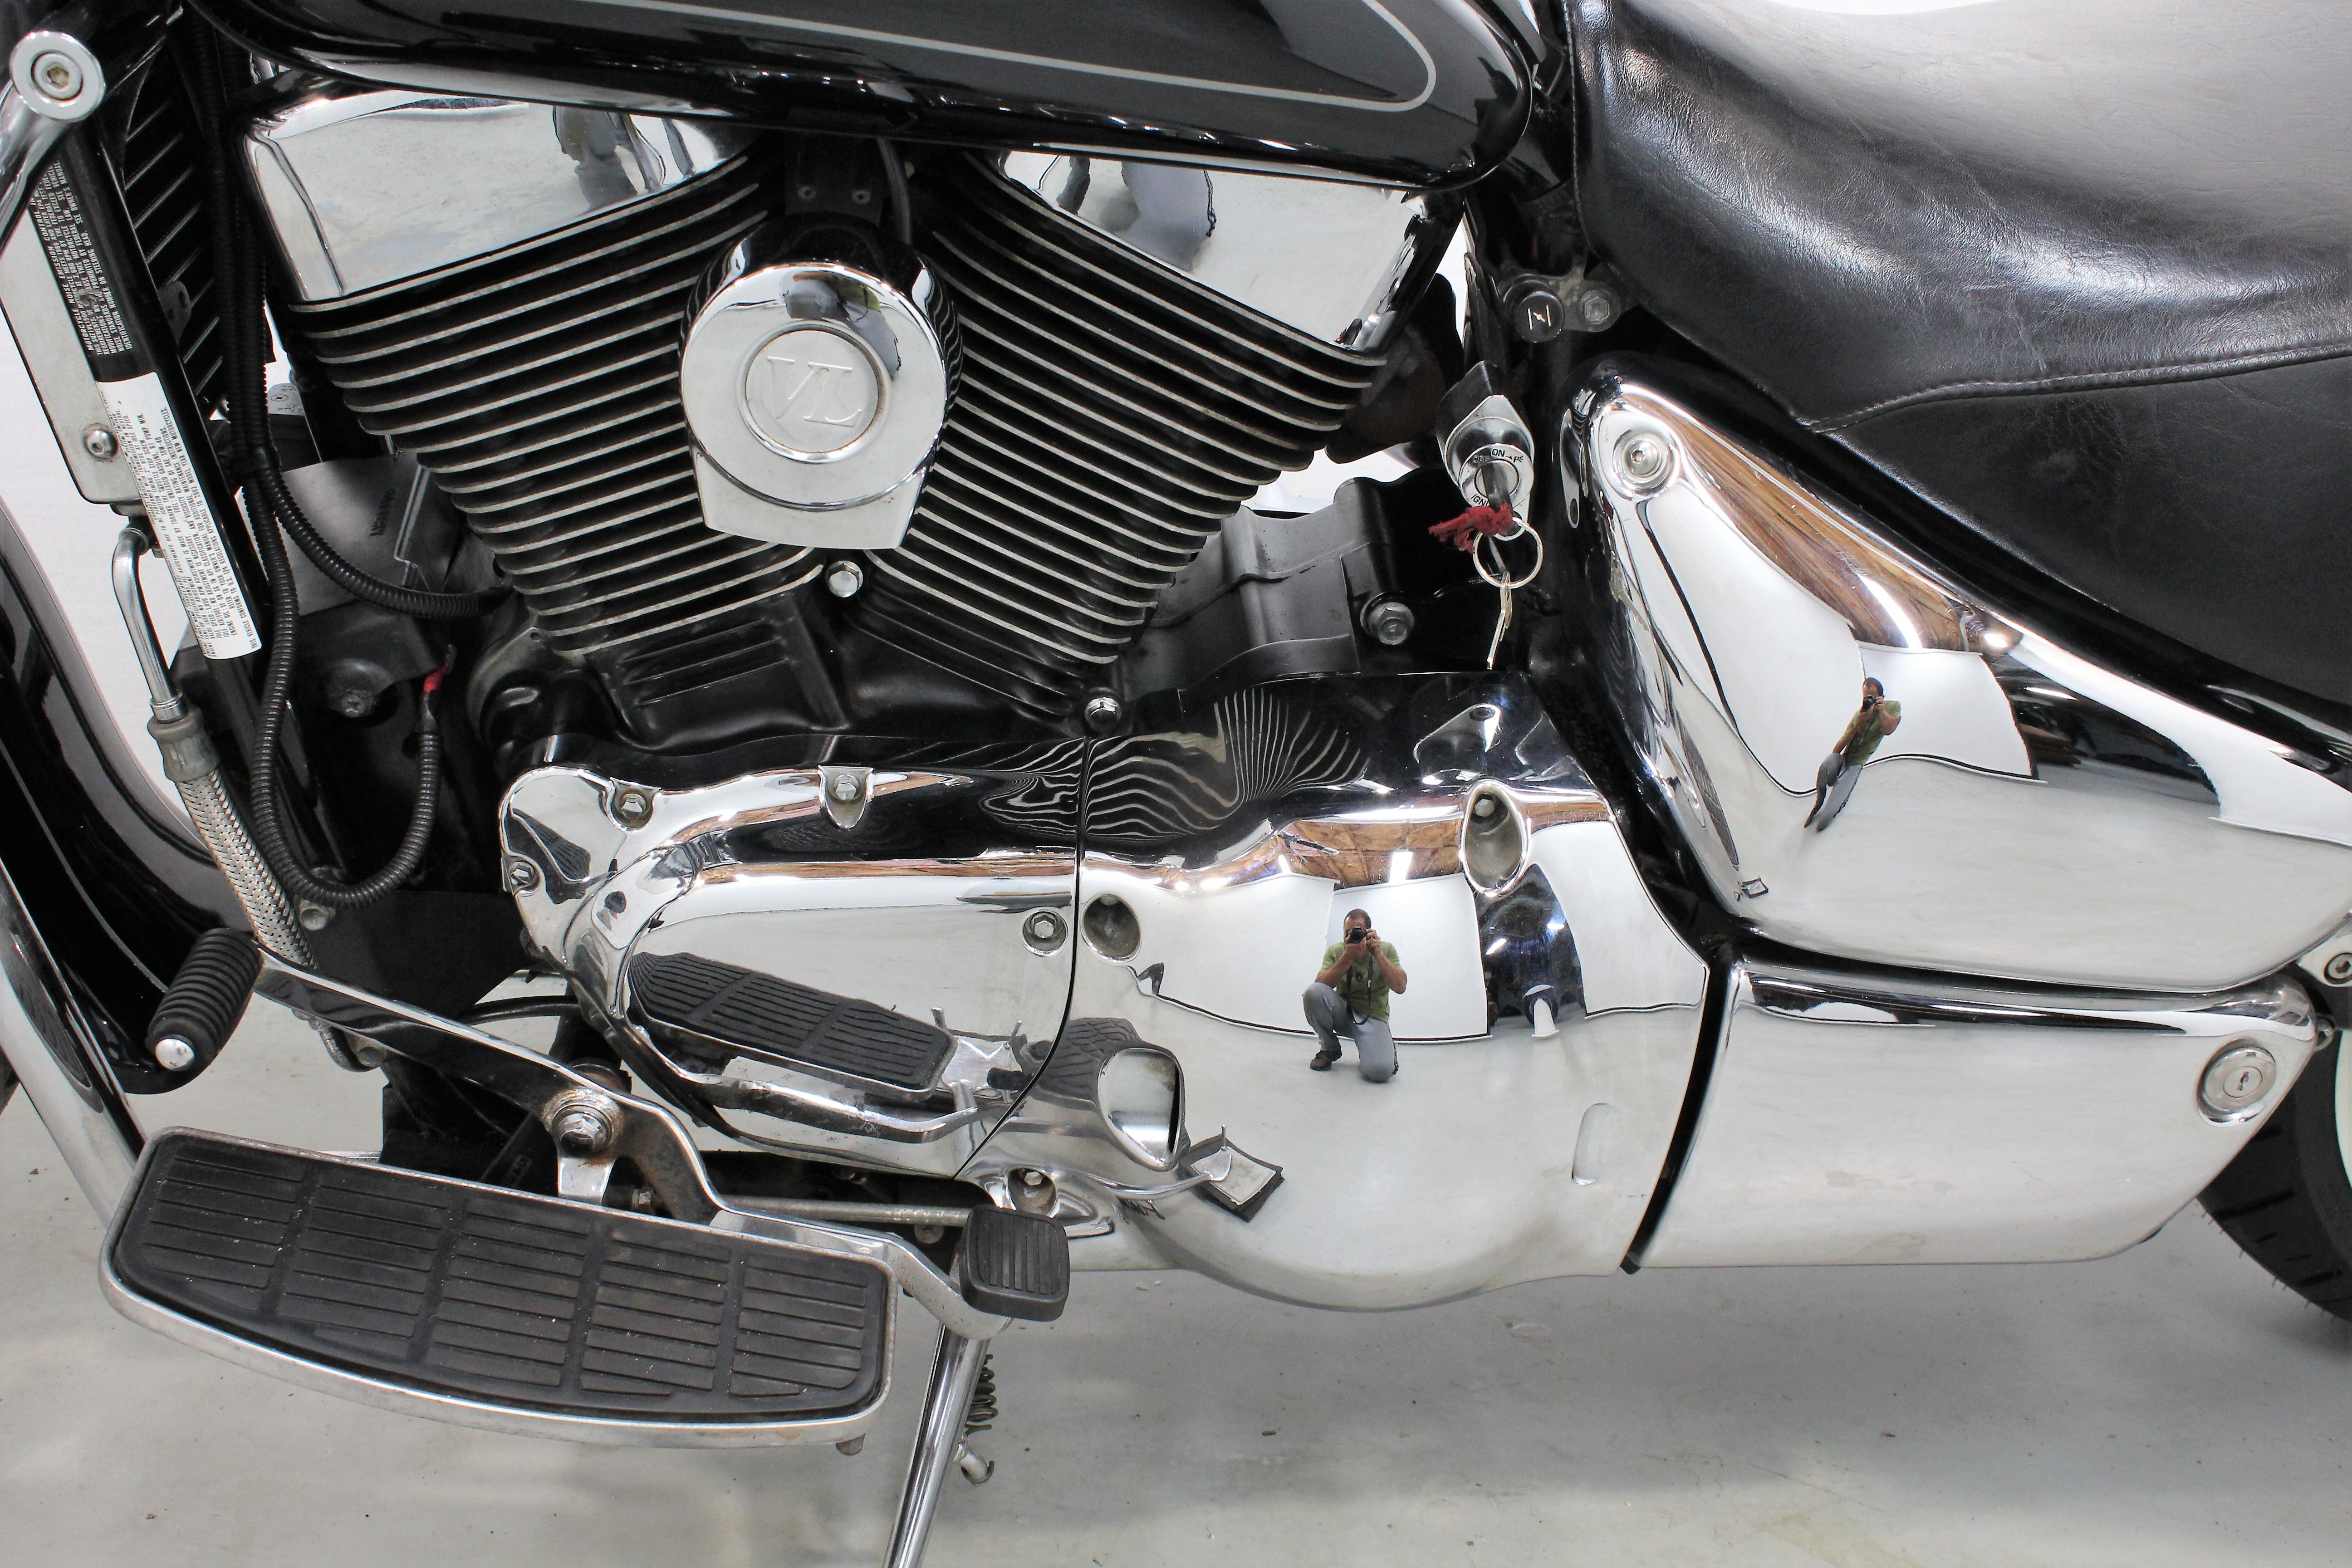 joesbikes | 2002 intruder 1500